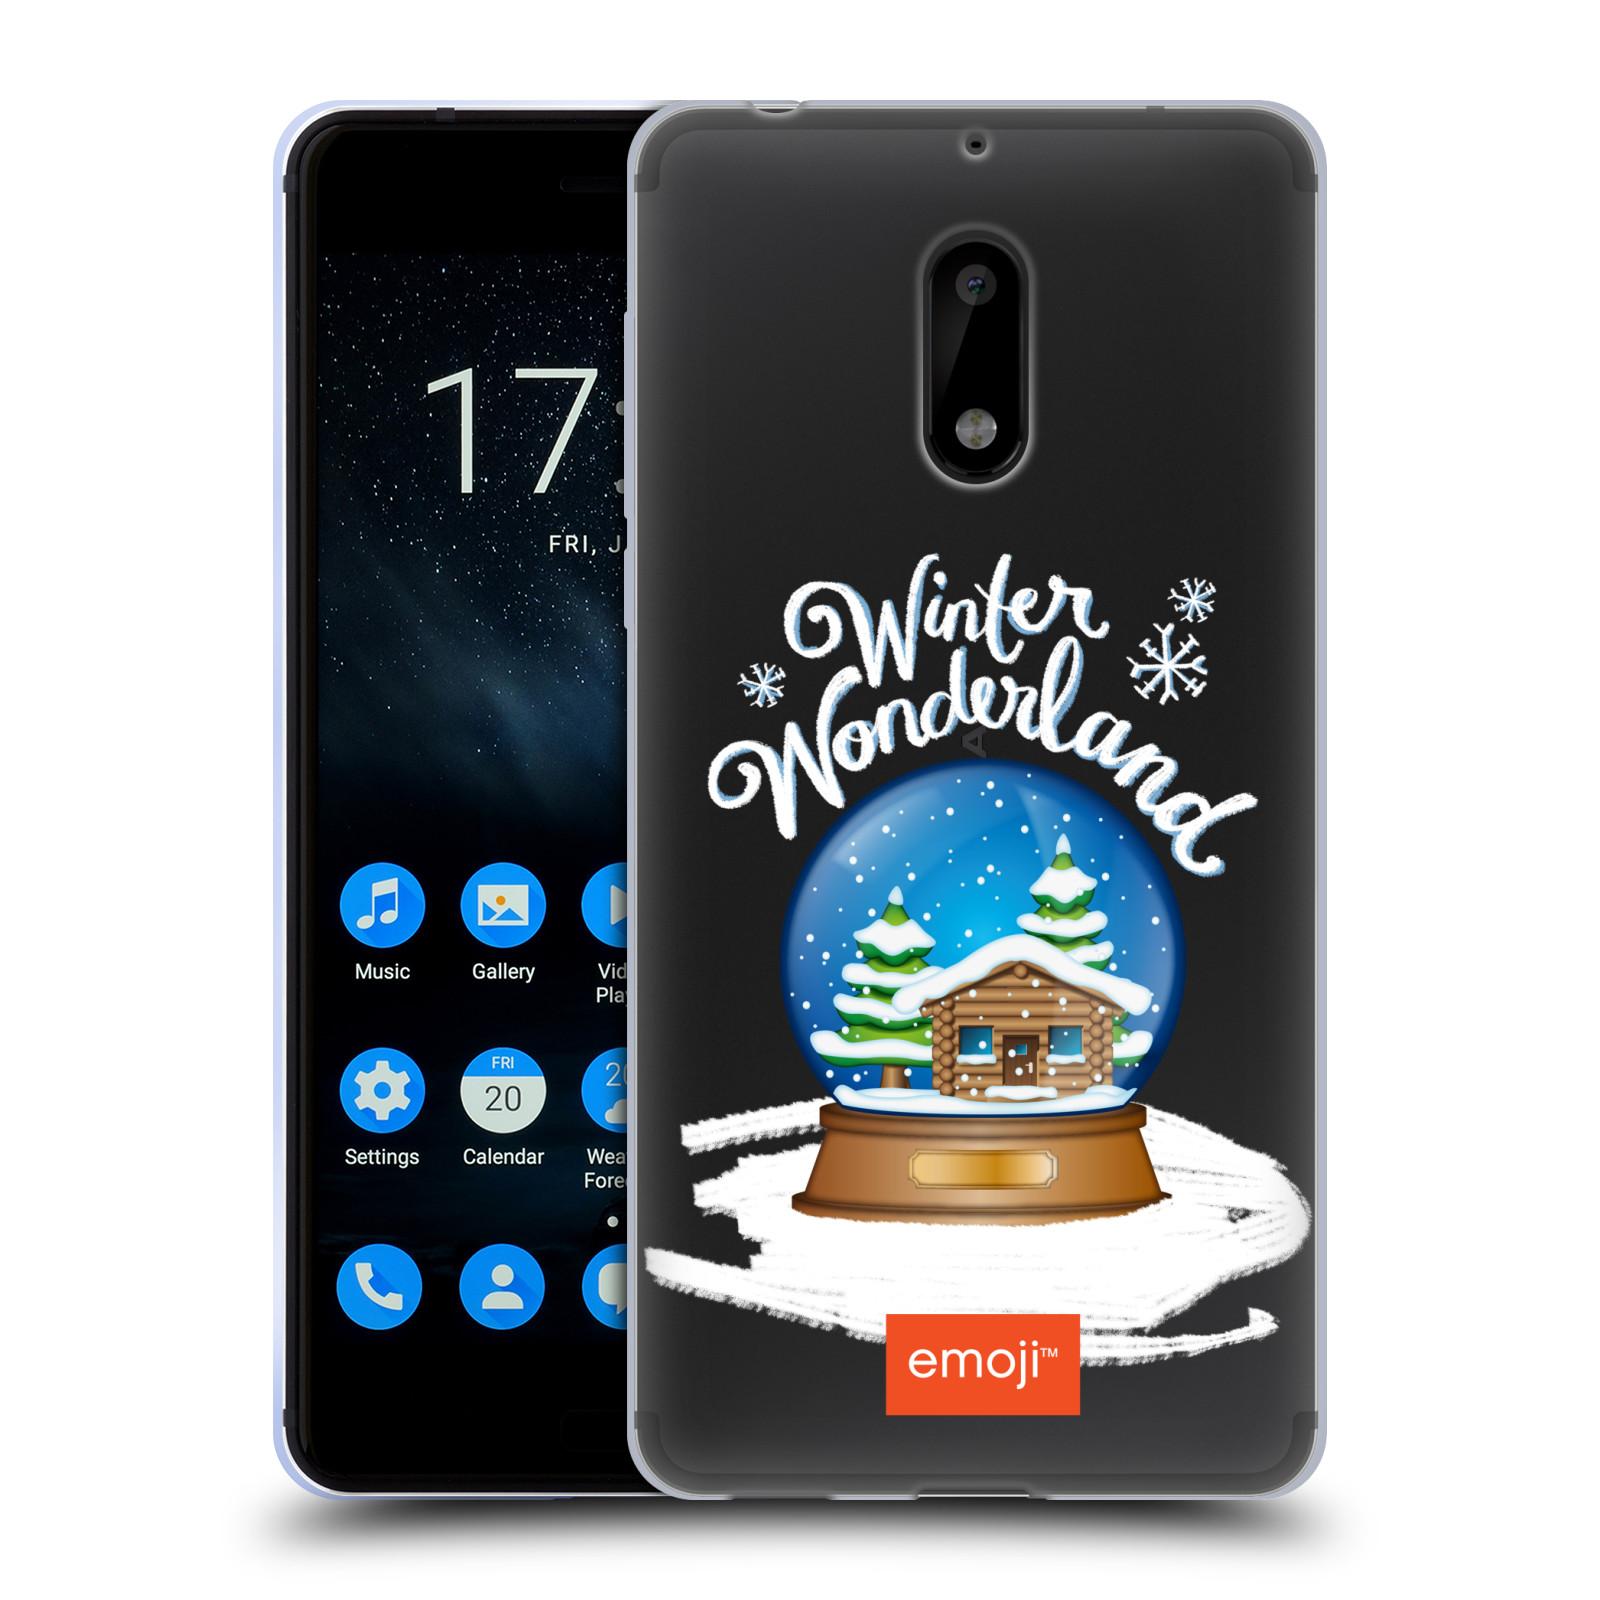 OFFICIAL-EMOJI-WINTER-WONDERLAND-SOFT-GEL-CASE-FOR-NOKIA-PHONES-1